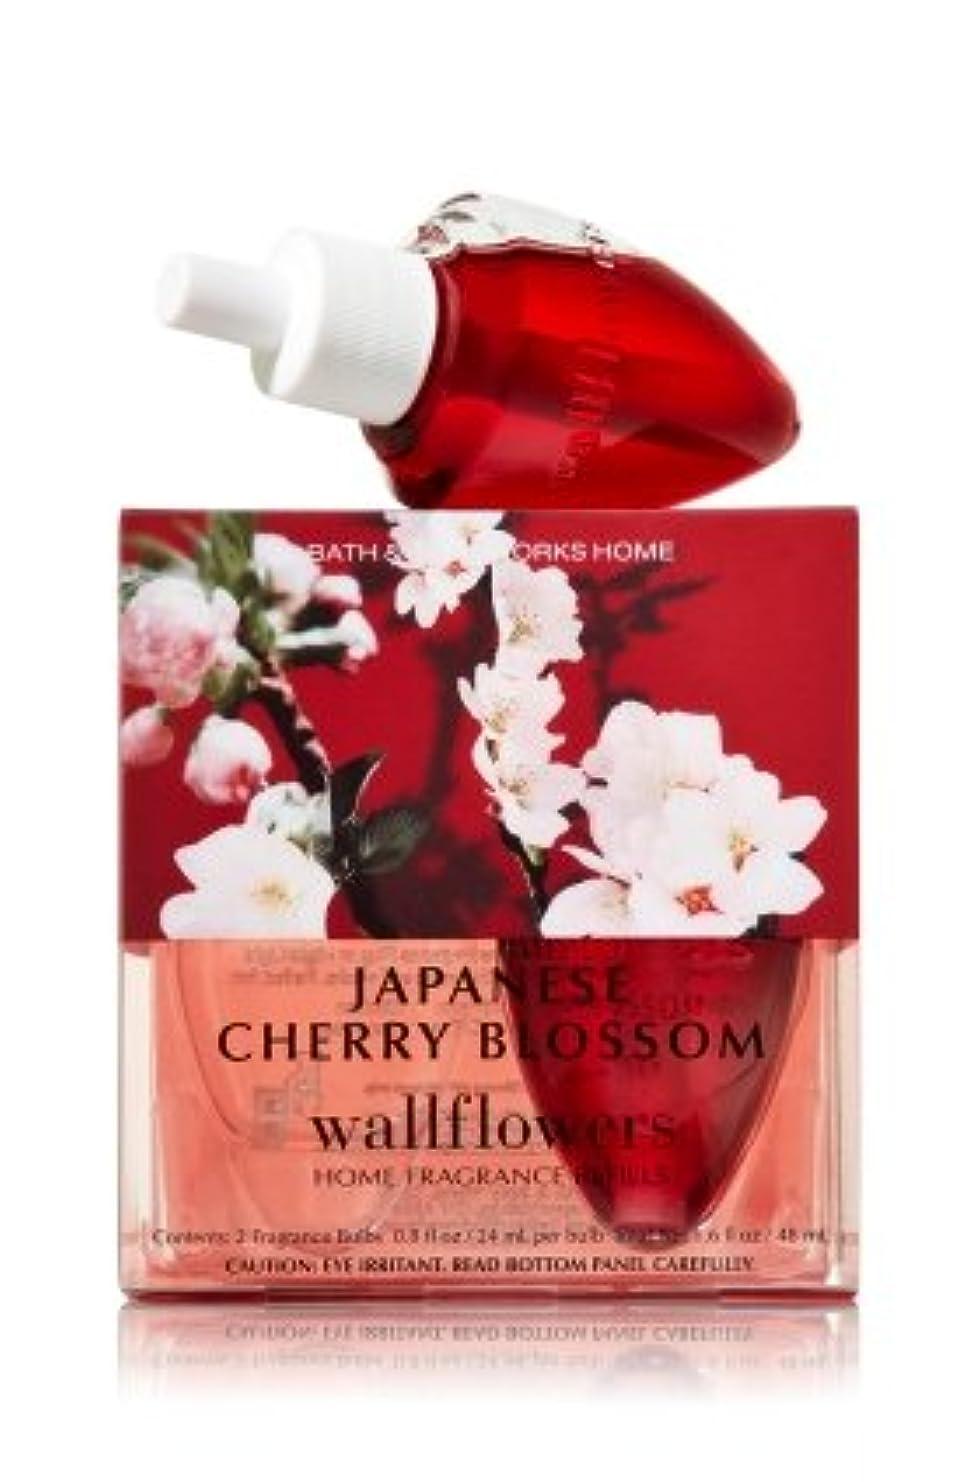 慎重初期の許可【Bath&Body Works/バス&ボディワークス】 ホームフレグランス 詰替えリフィル(2個入り) ジャパニーズチェリーブロッサム Wallflowers Home Fragrance 2-Pack Refills Japanese Cherry Blossom [並行輸入品]